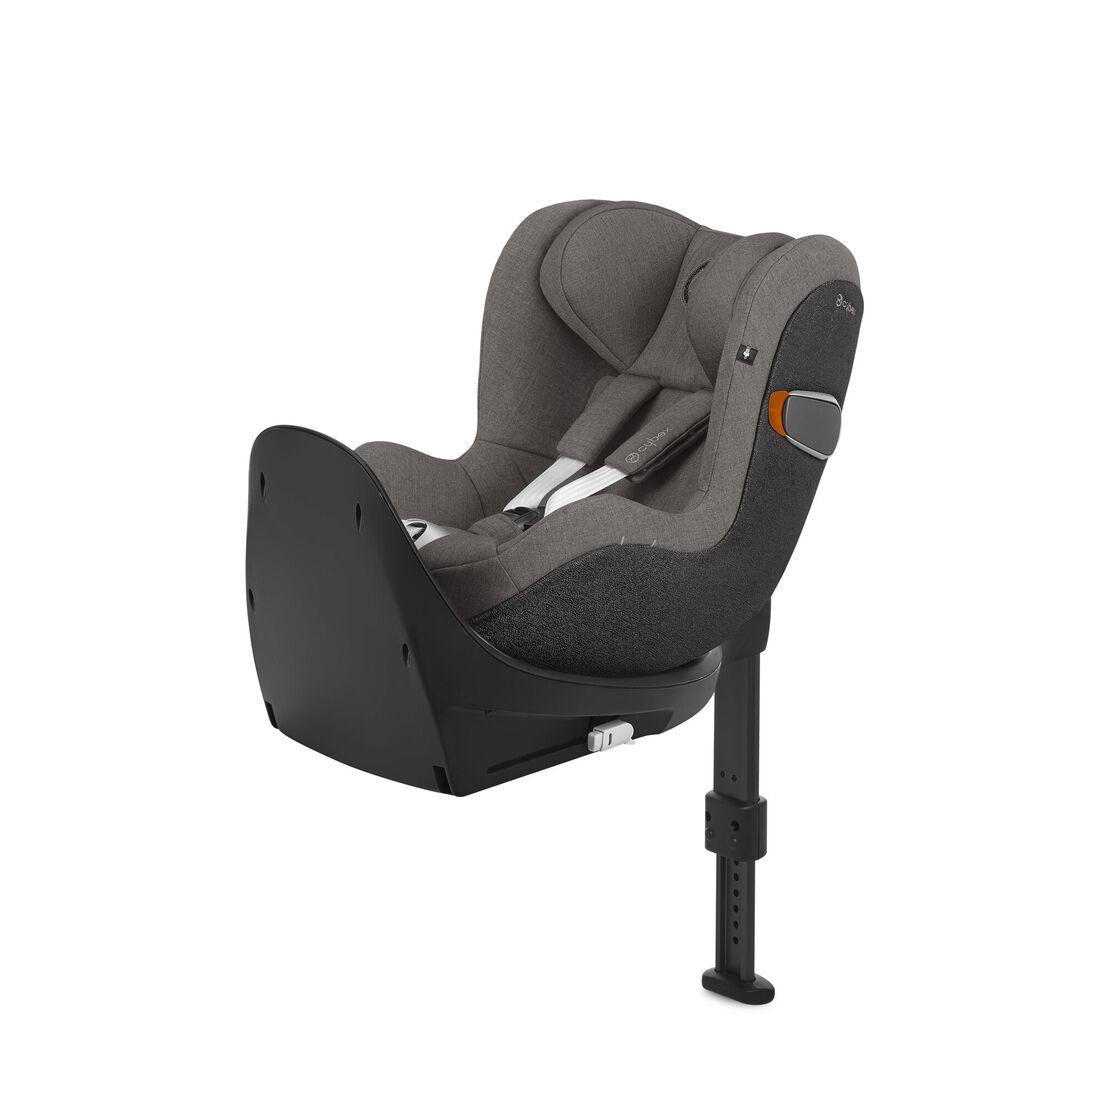 CYBEX Sirona Zi i-Size - Soho Grey Plus in Soho Grey Plus large Bild 1